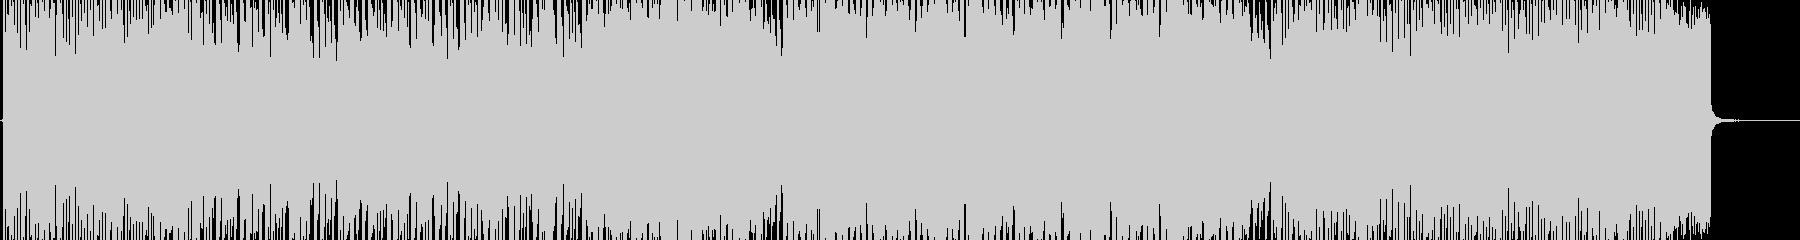 アップテンポなエレクトロニカロックの未再生の波形